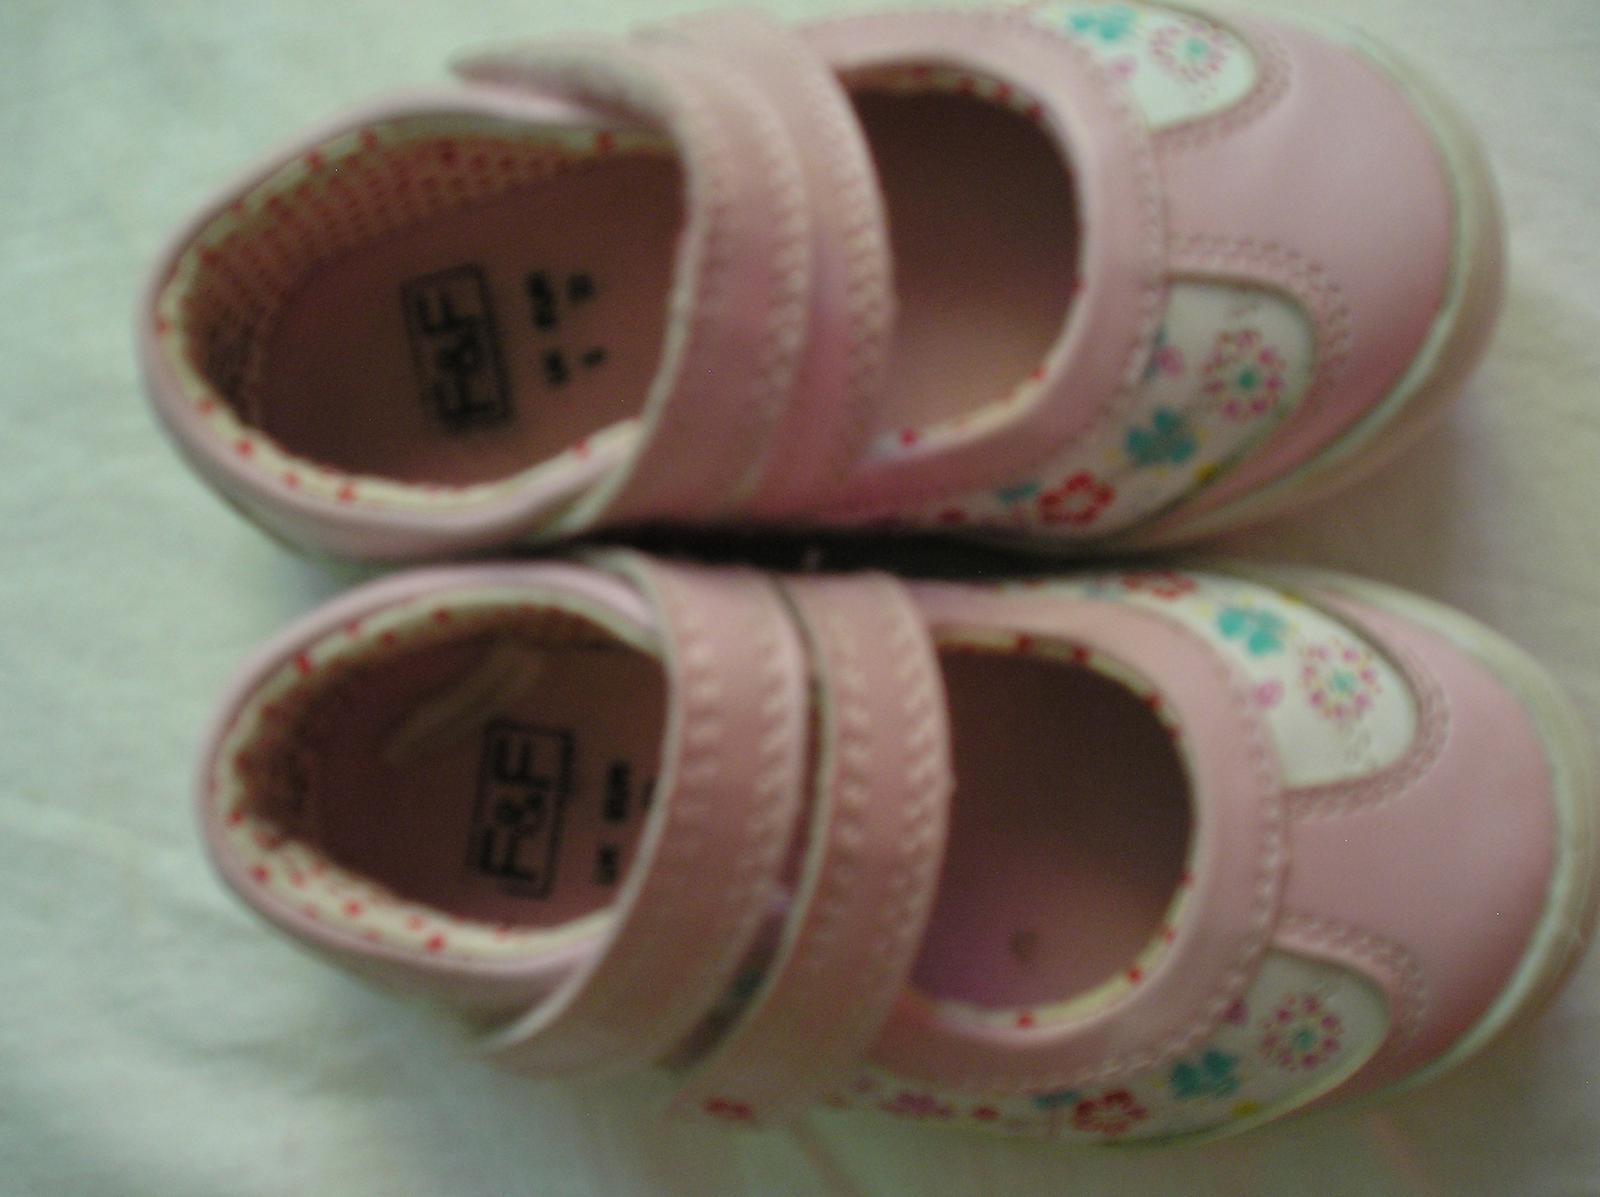 Kvetinkové topánky na dva suché zipsy - Obrázok č. 3